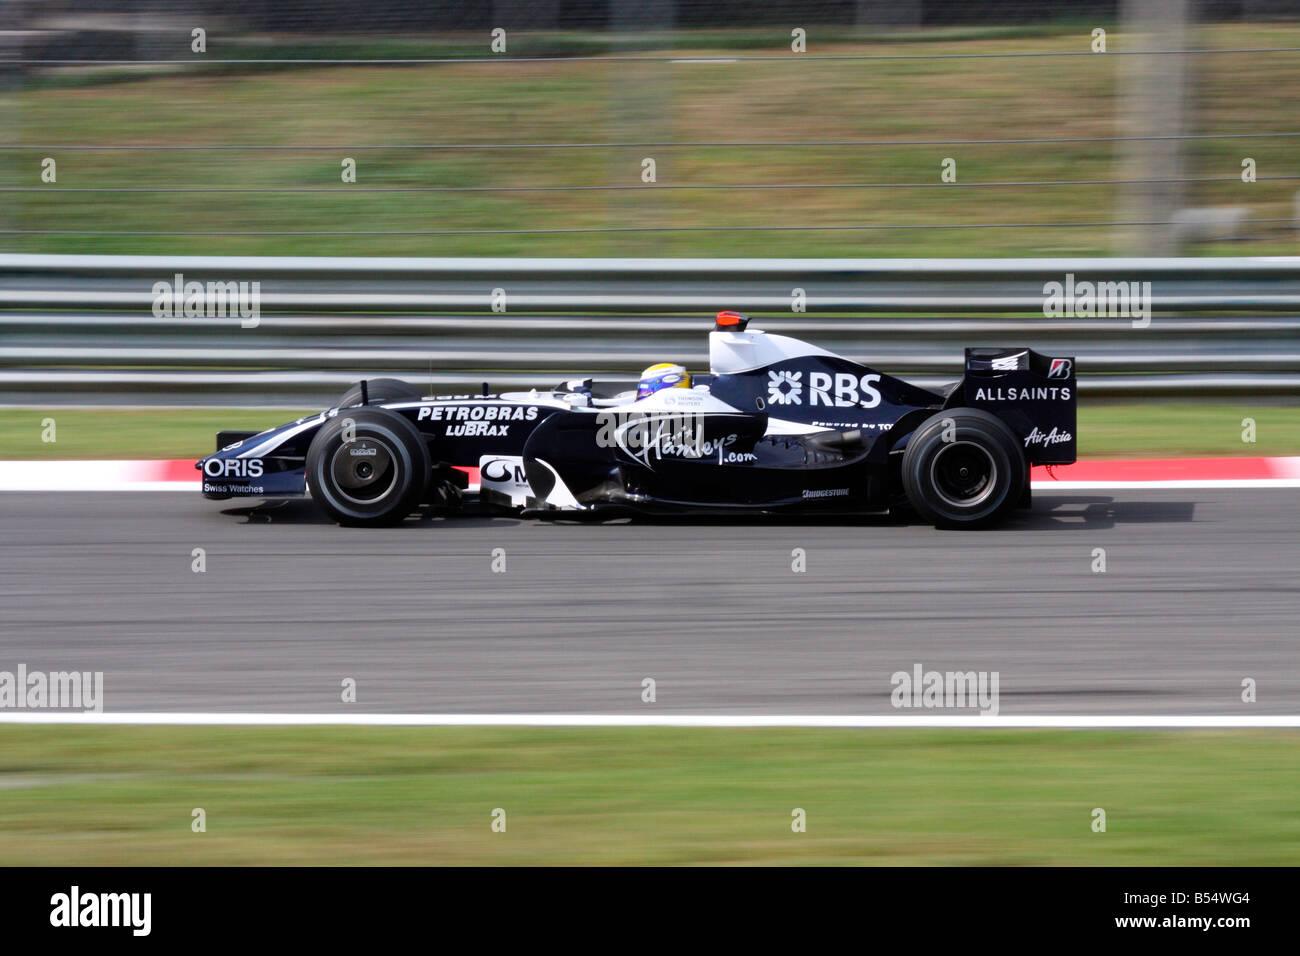 Nico Rosberg (GER), Gran Premio di Monza 2008 Stock Photo